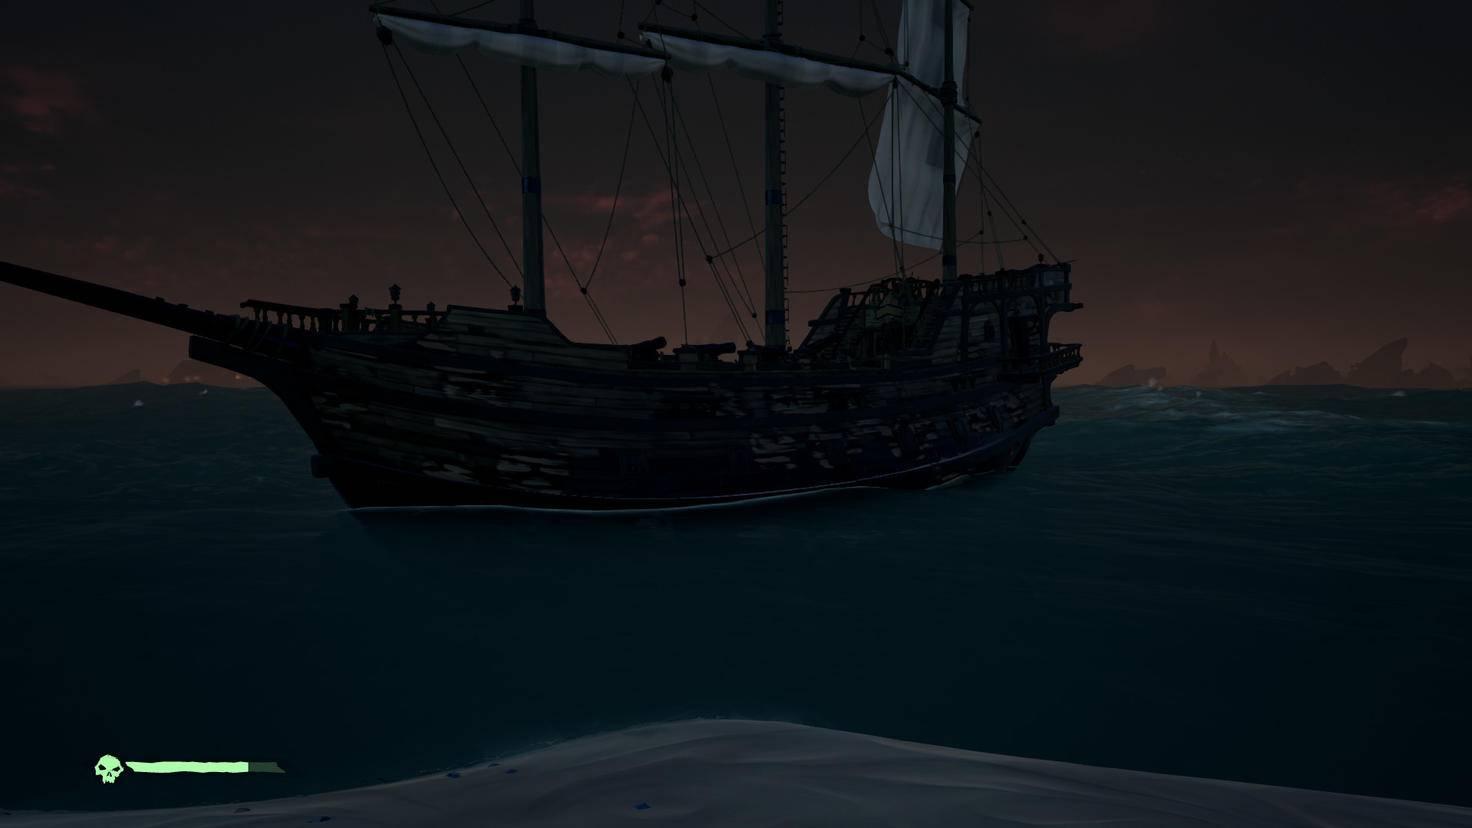 Nach mehreren Begegnungen mit anderen Spielern könnte das Schiff eine Reparatur vertragen.